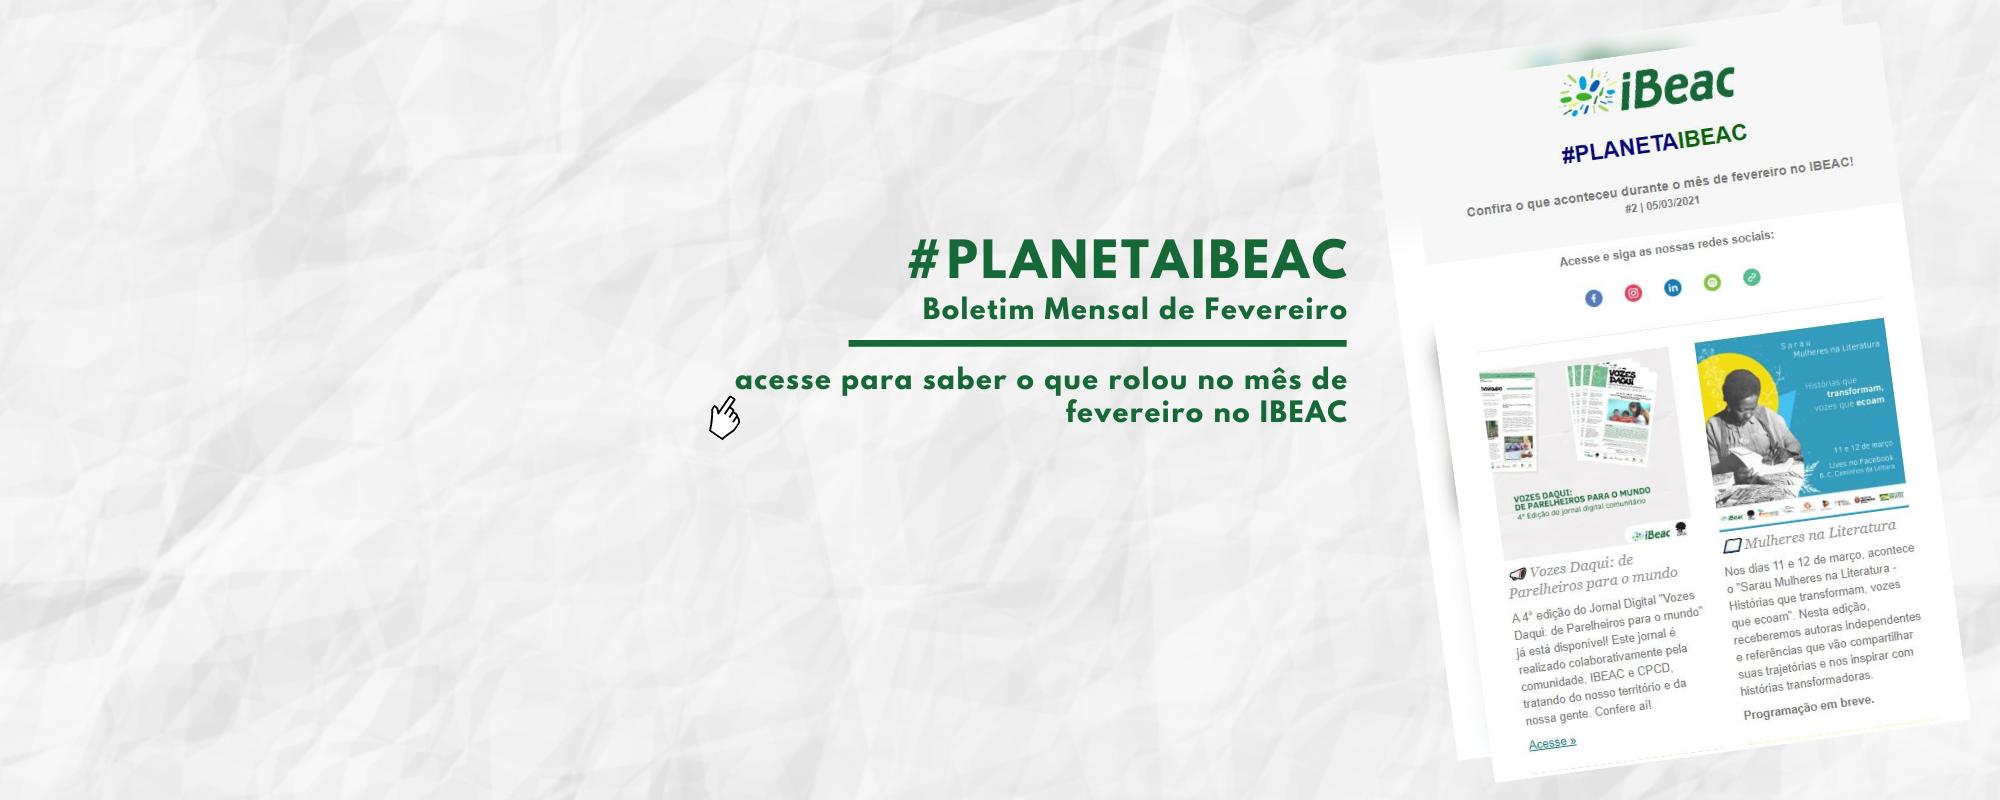 #PlanetaIbeac Boletim Mensal de Fevereiro